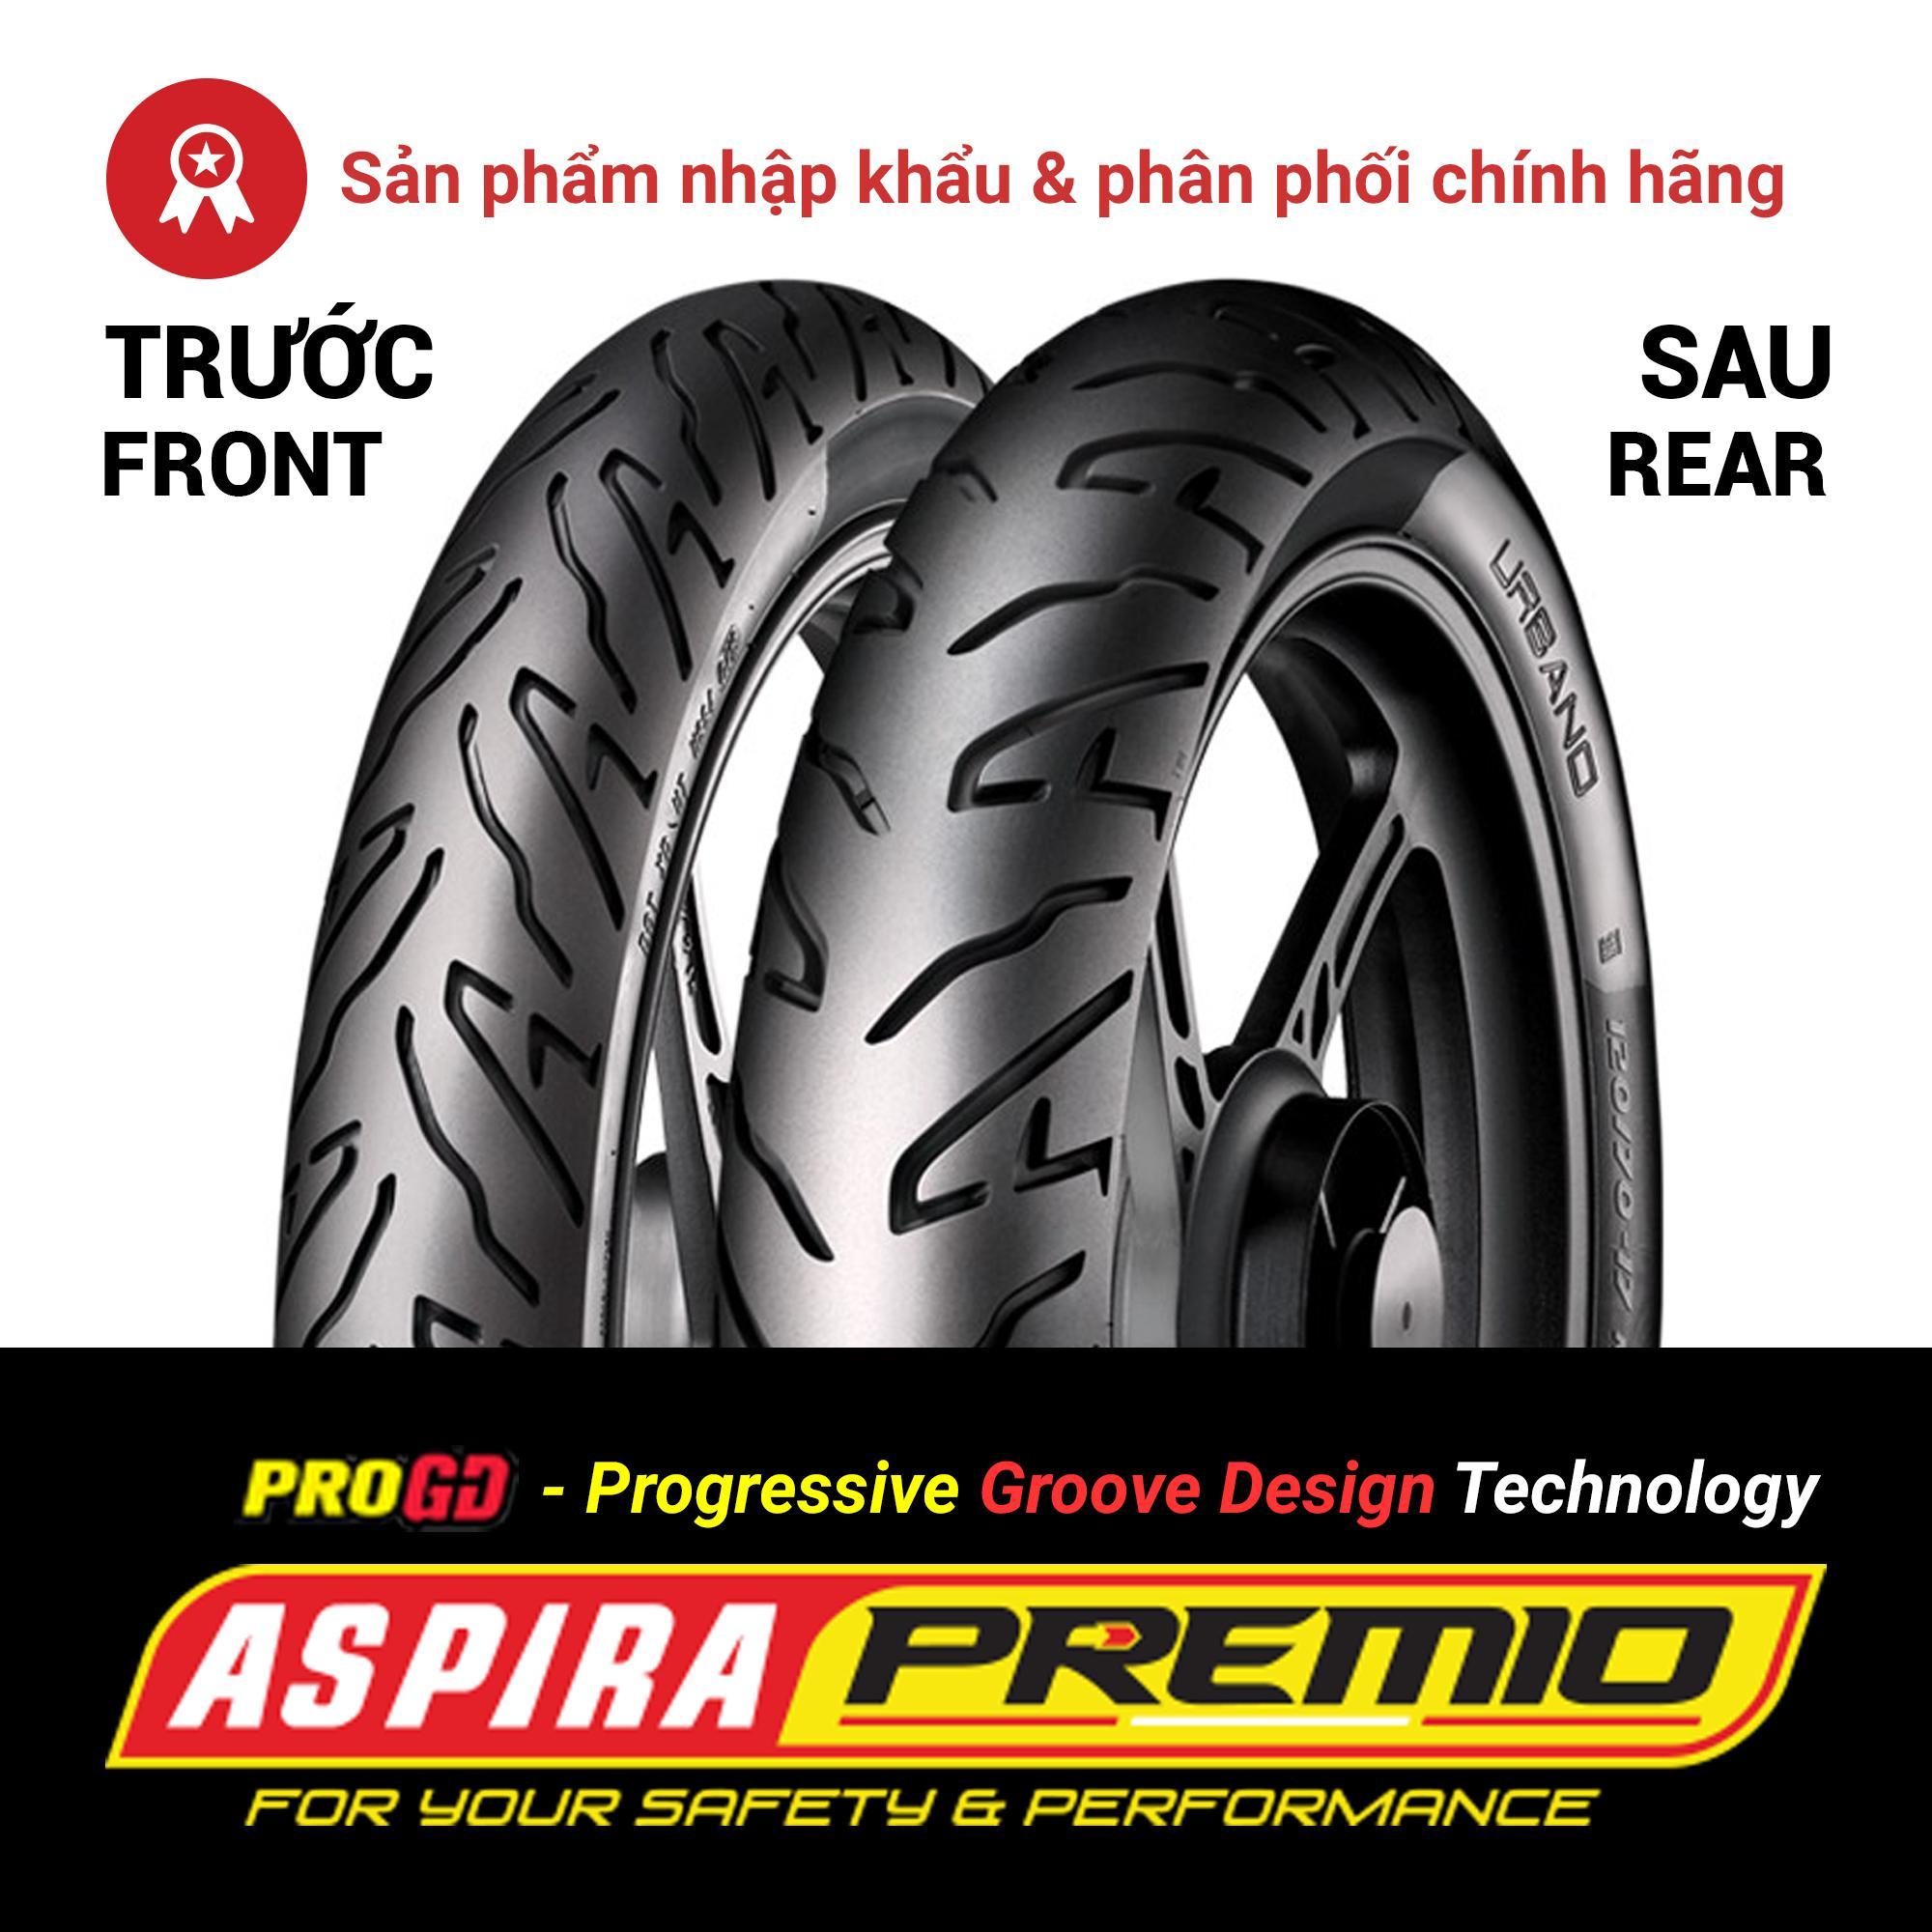 Thay cặp lốp (vỏ) trước 80/90-17 TL + sau 120/70-17 TL Aspira Premio Urbano chính hãng cho xe côn tay phân khối nhỏ (PKN) Exciter 150, Honda Winner, CBR150R, Yamaha FZS, FZ150i - Combo 02 lốp (vỏ)